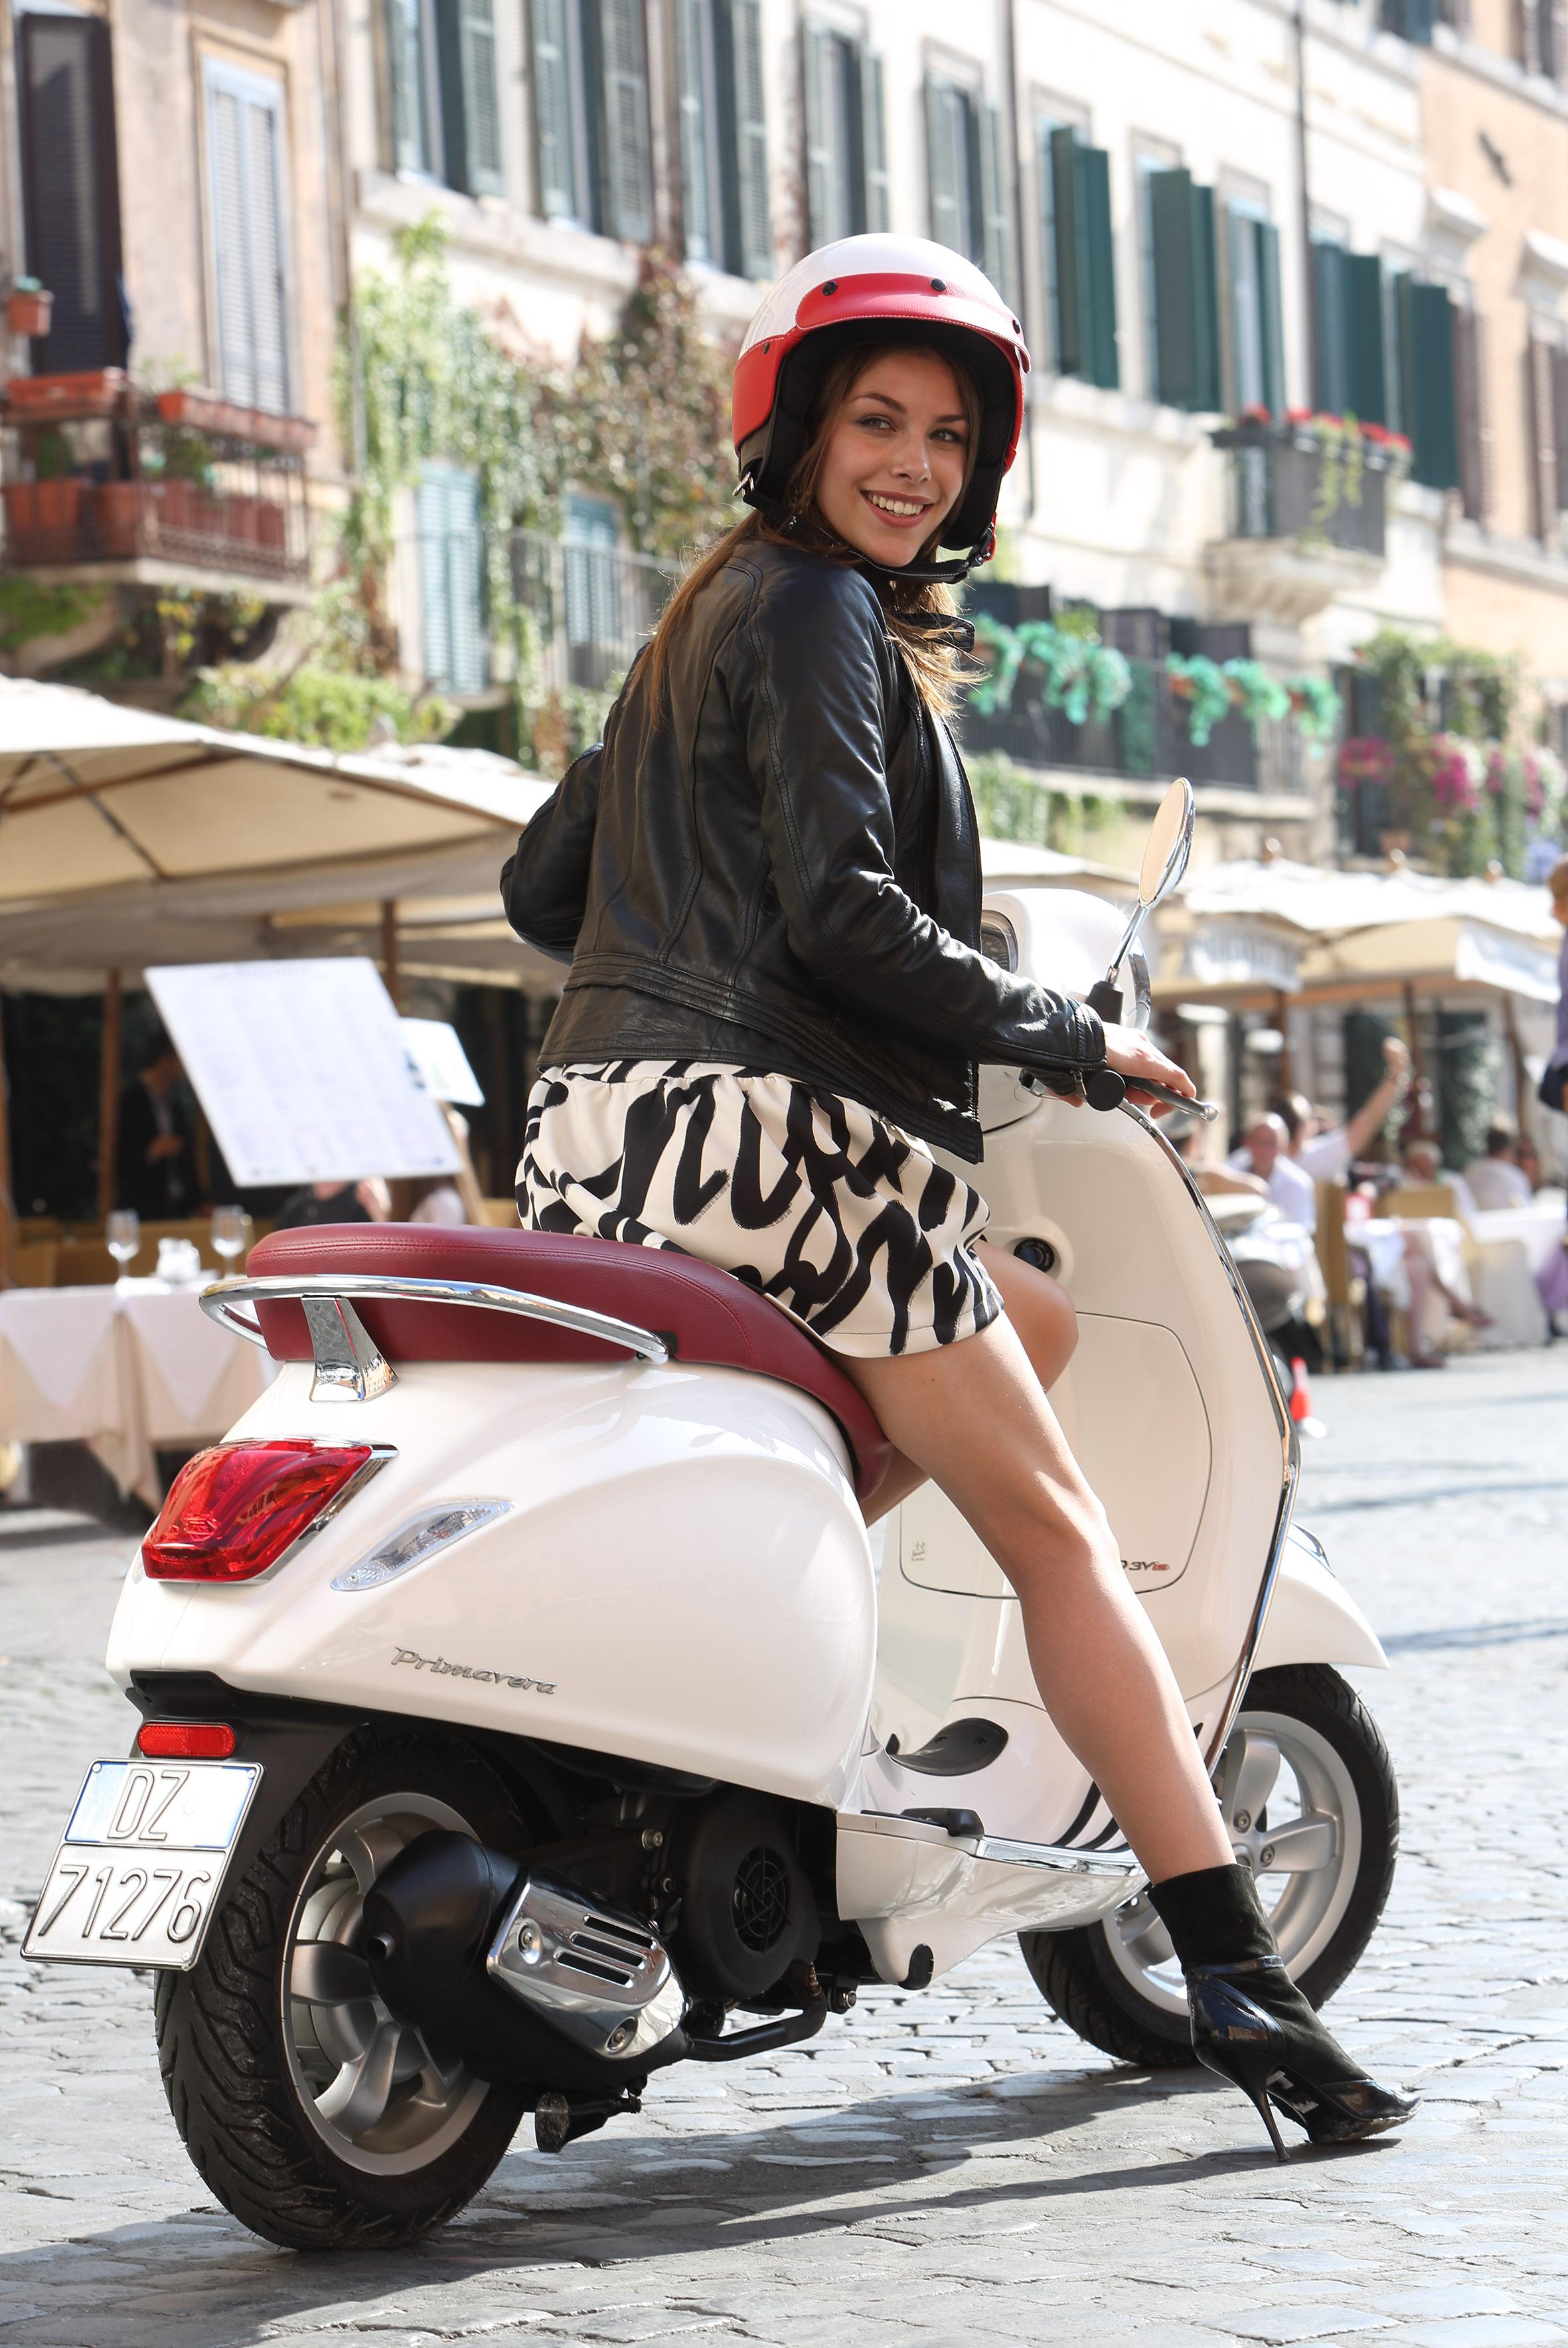 Hot girl on a Vespa